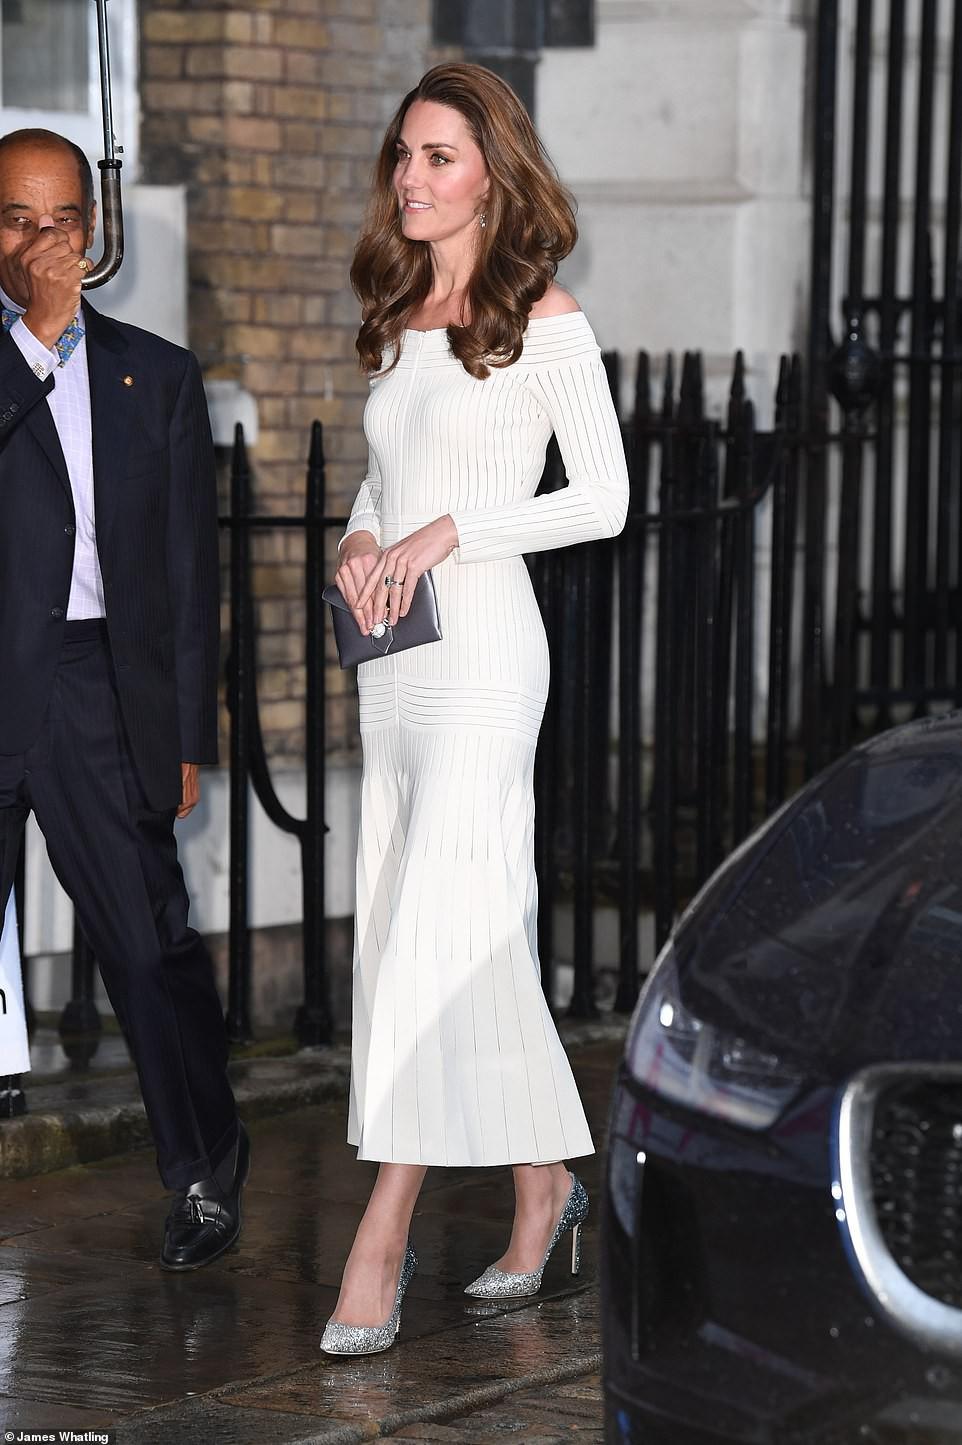 Kate Middleton vẫn thon thả dù đã xấp xỉ 40 và qua 3 lần sinh nở nhờ tuân theo 4 giai đoạn giảm cân: Vòng eo hiện tại còn thon hơn cả thời con gái - Ảnh 8.